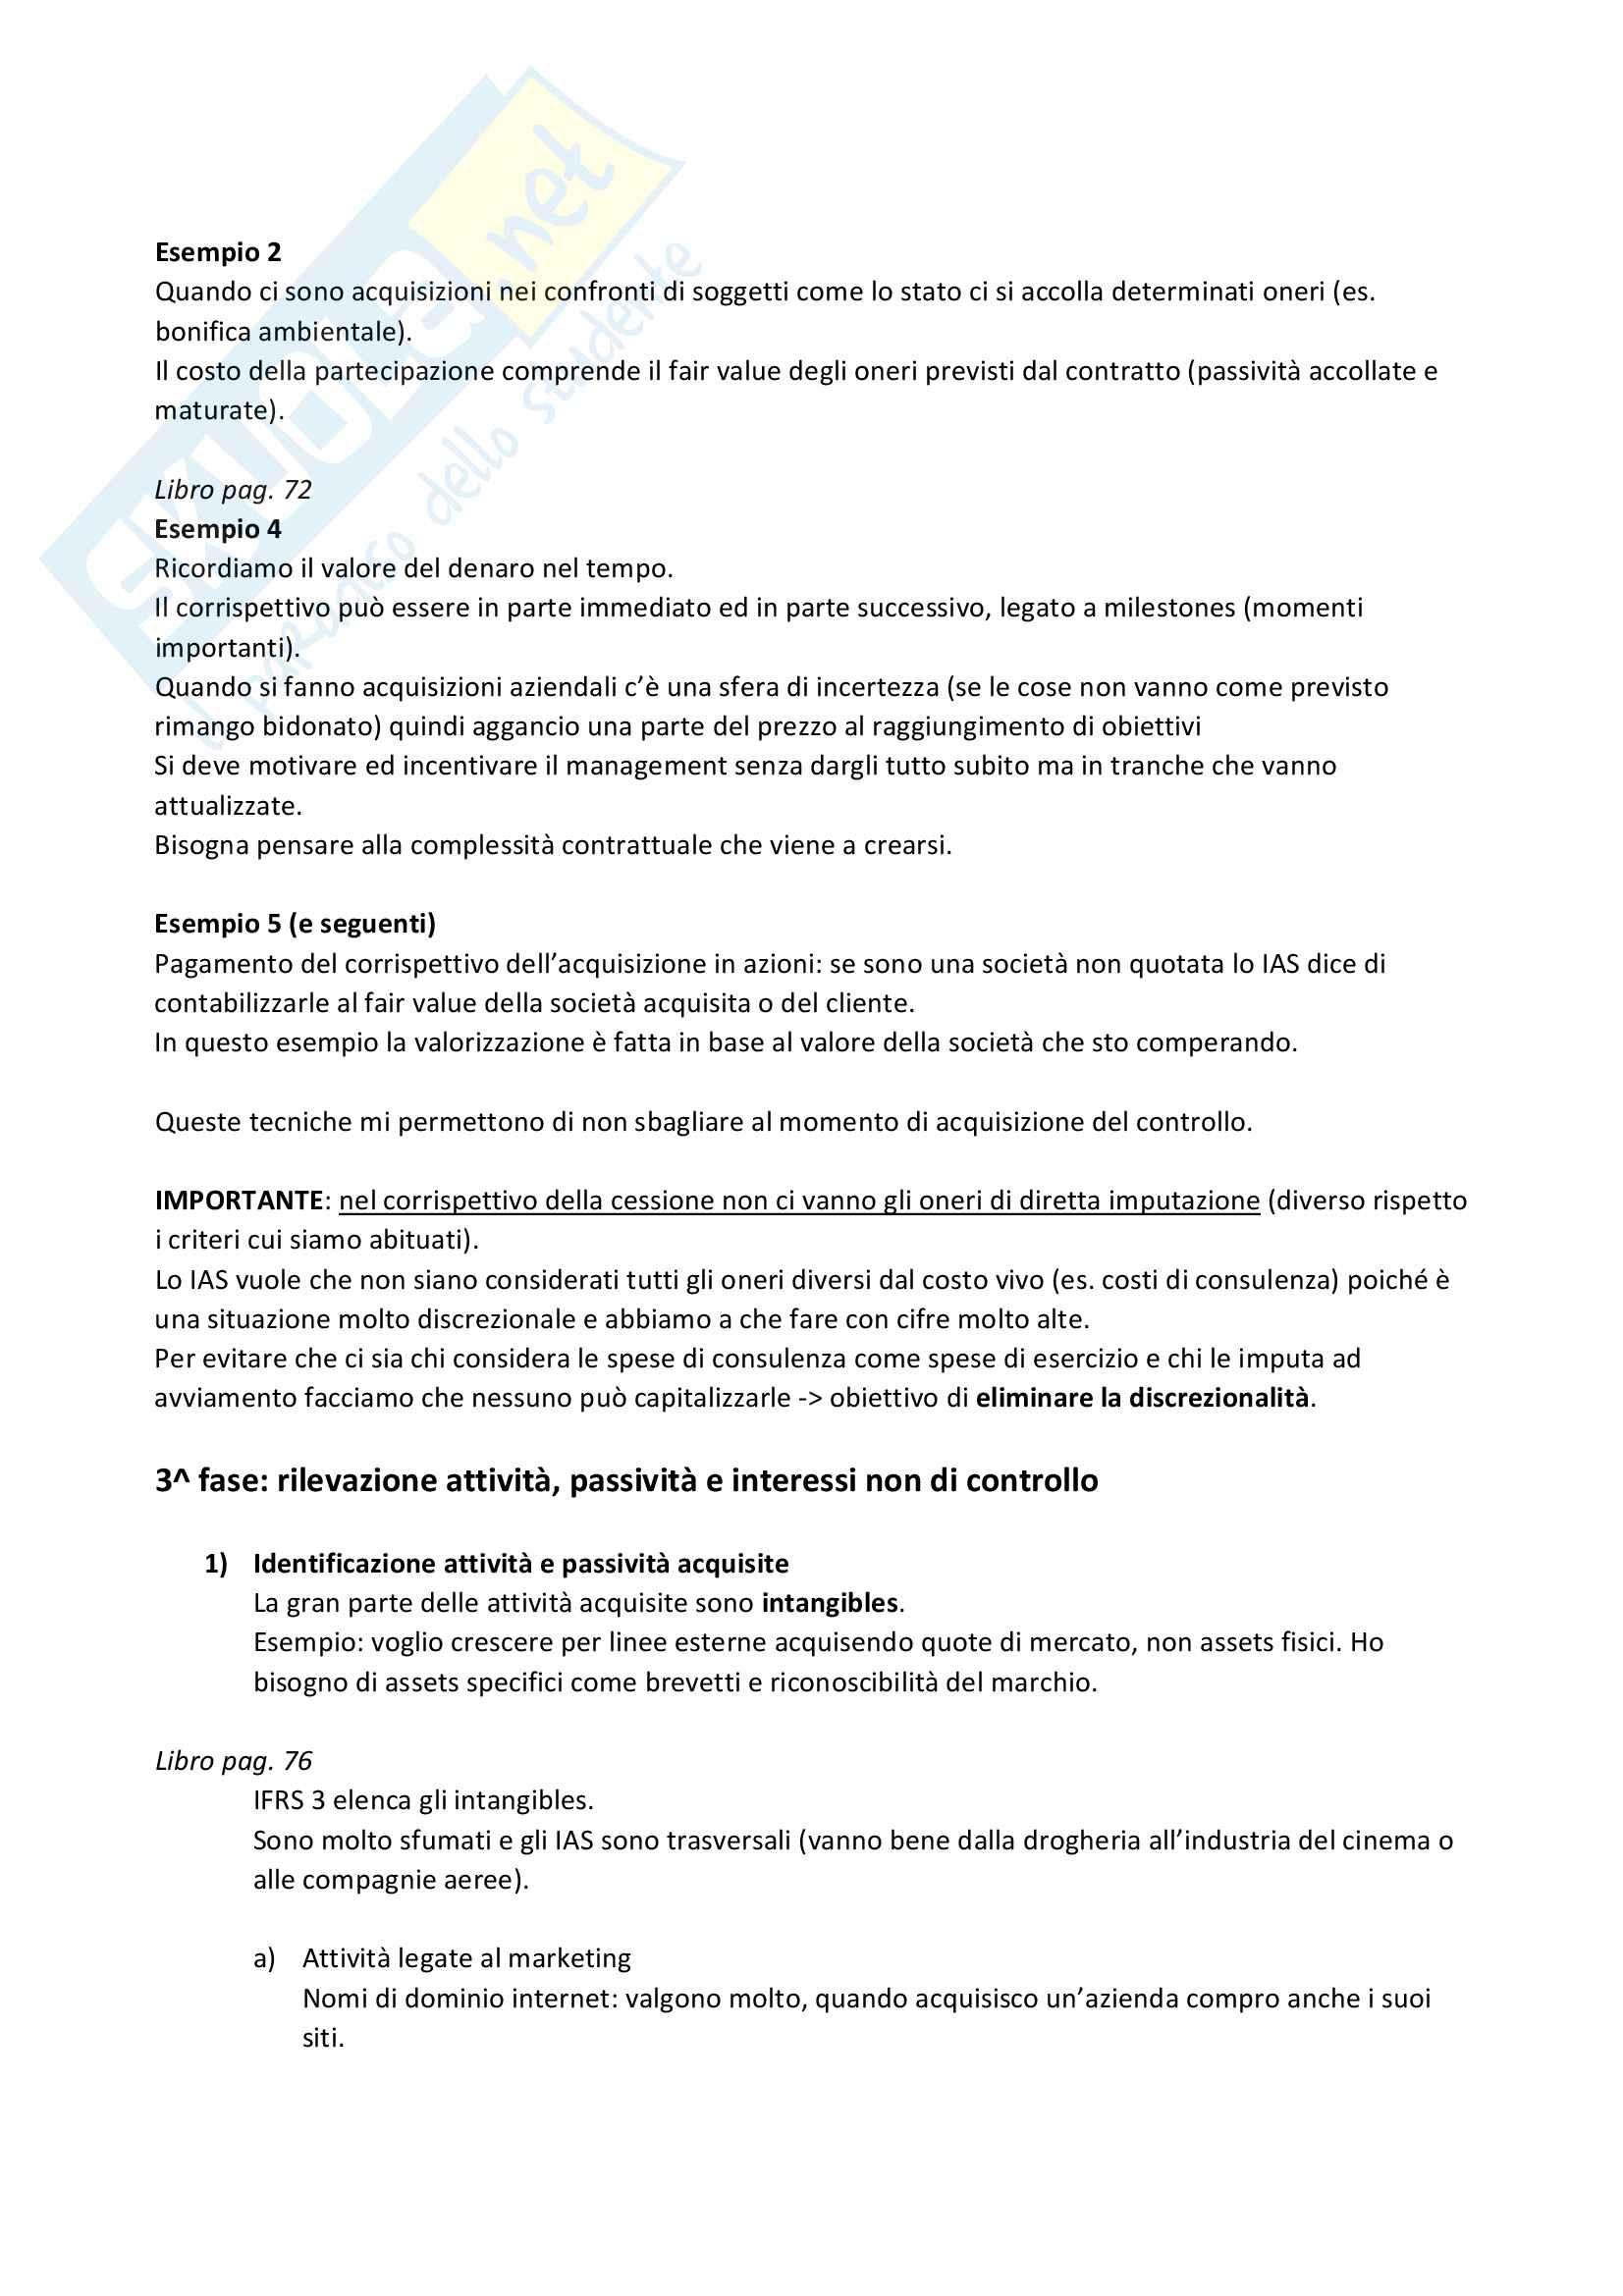 Bilancio consolidato (teoria) Pag. 11